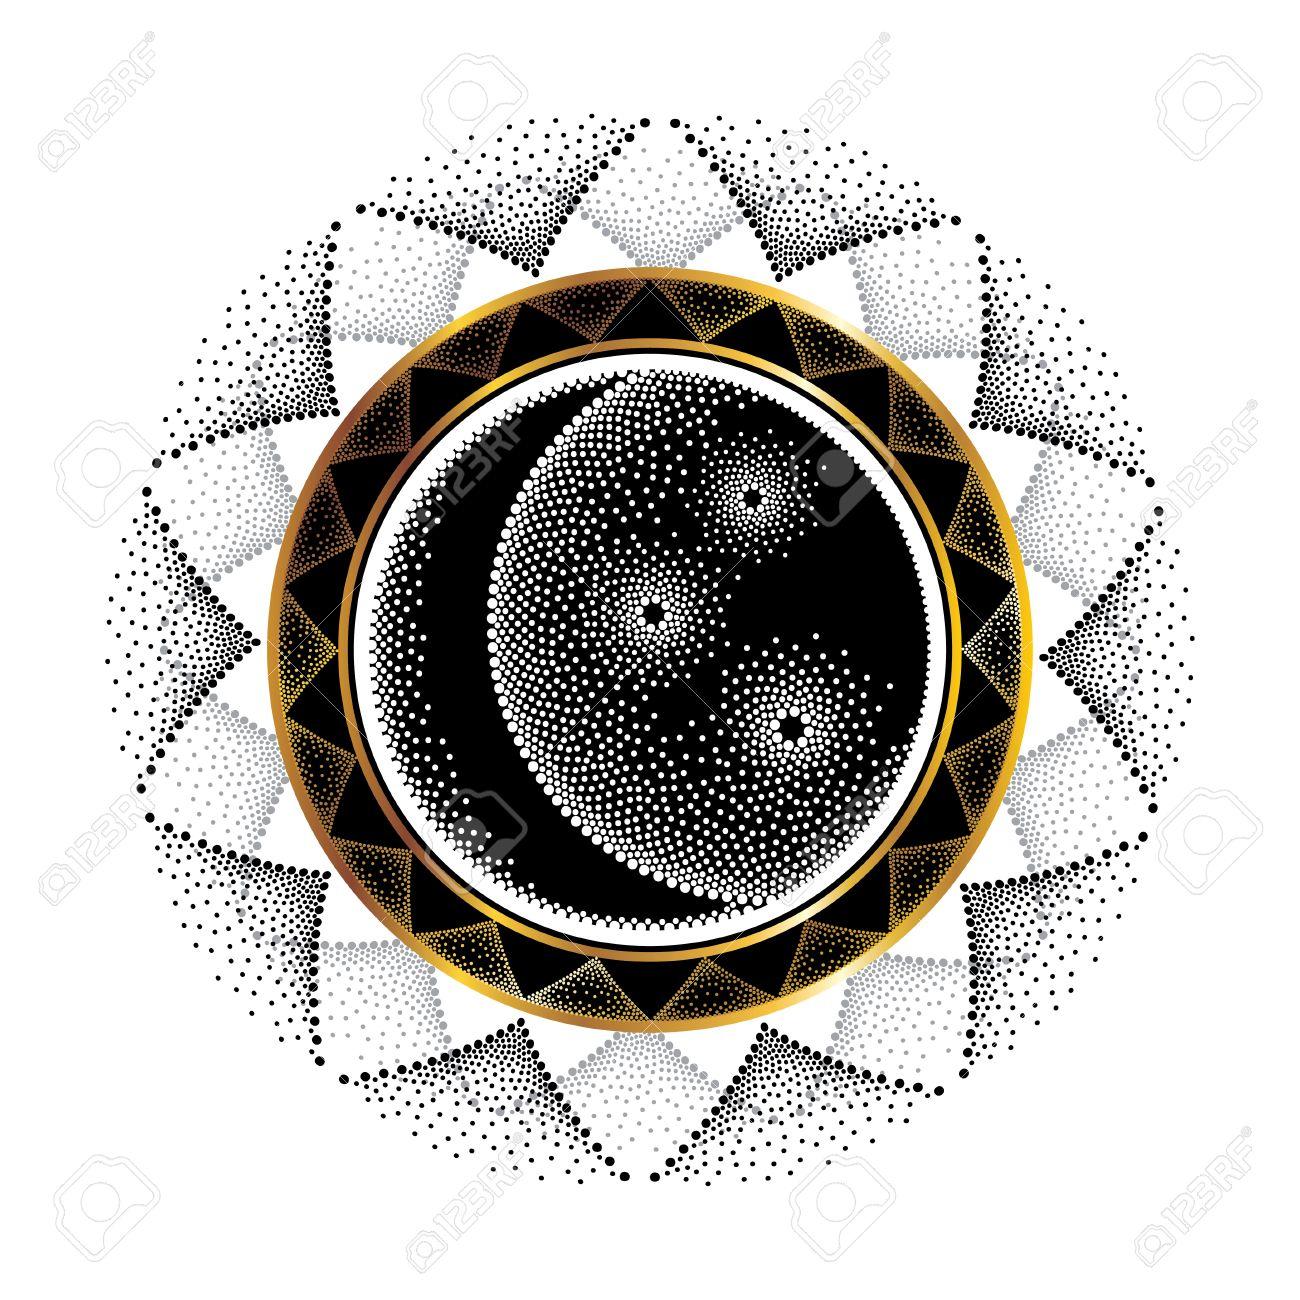 Illustration Vectorielle Avec Demi Lune Pointillee Etoile Et Cadre Rond Ornement En Noir Et Or Isole Sur Fond Blanc Symboles Stylises En Style